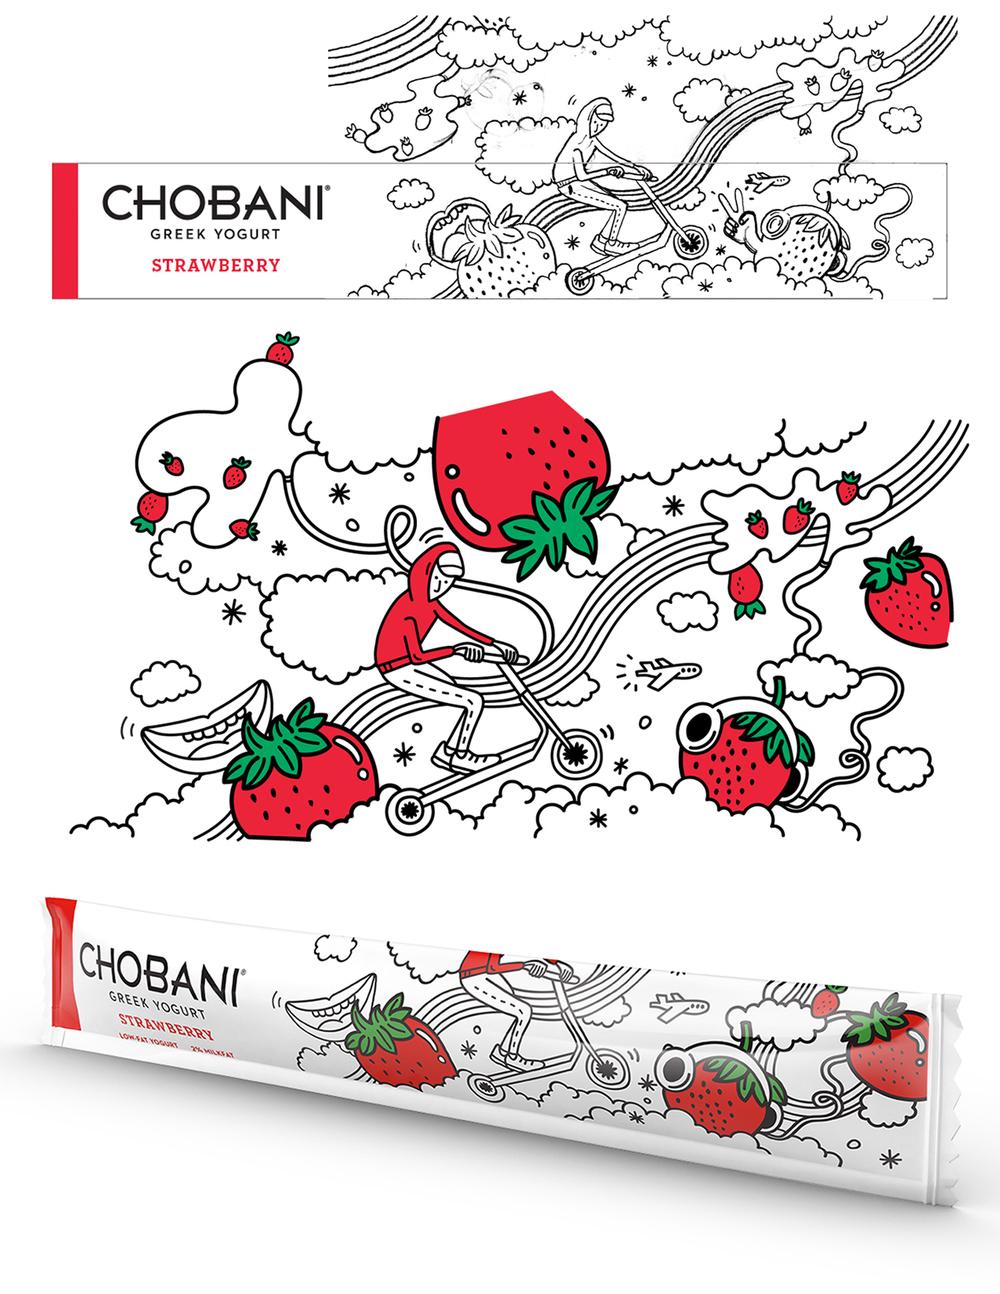 Yogurt Line Drawing : Chobani yogurt kids — the dieline packaging branding